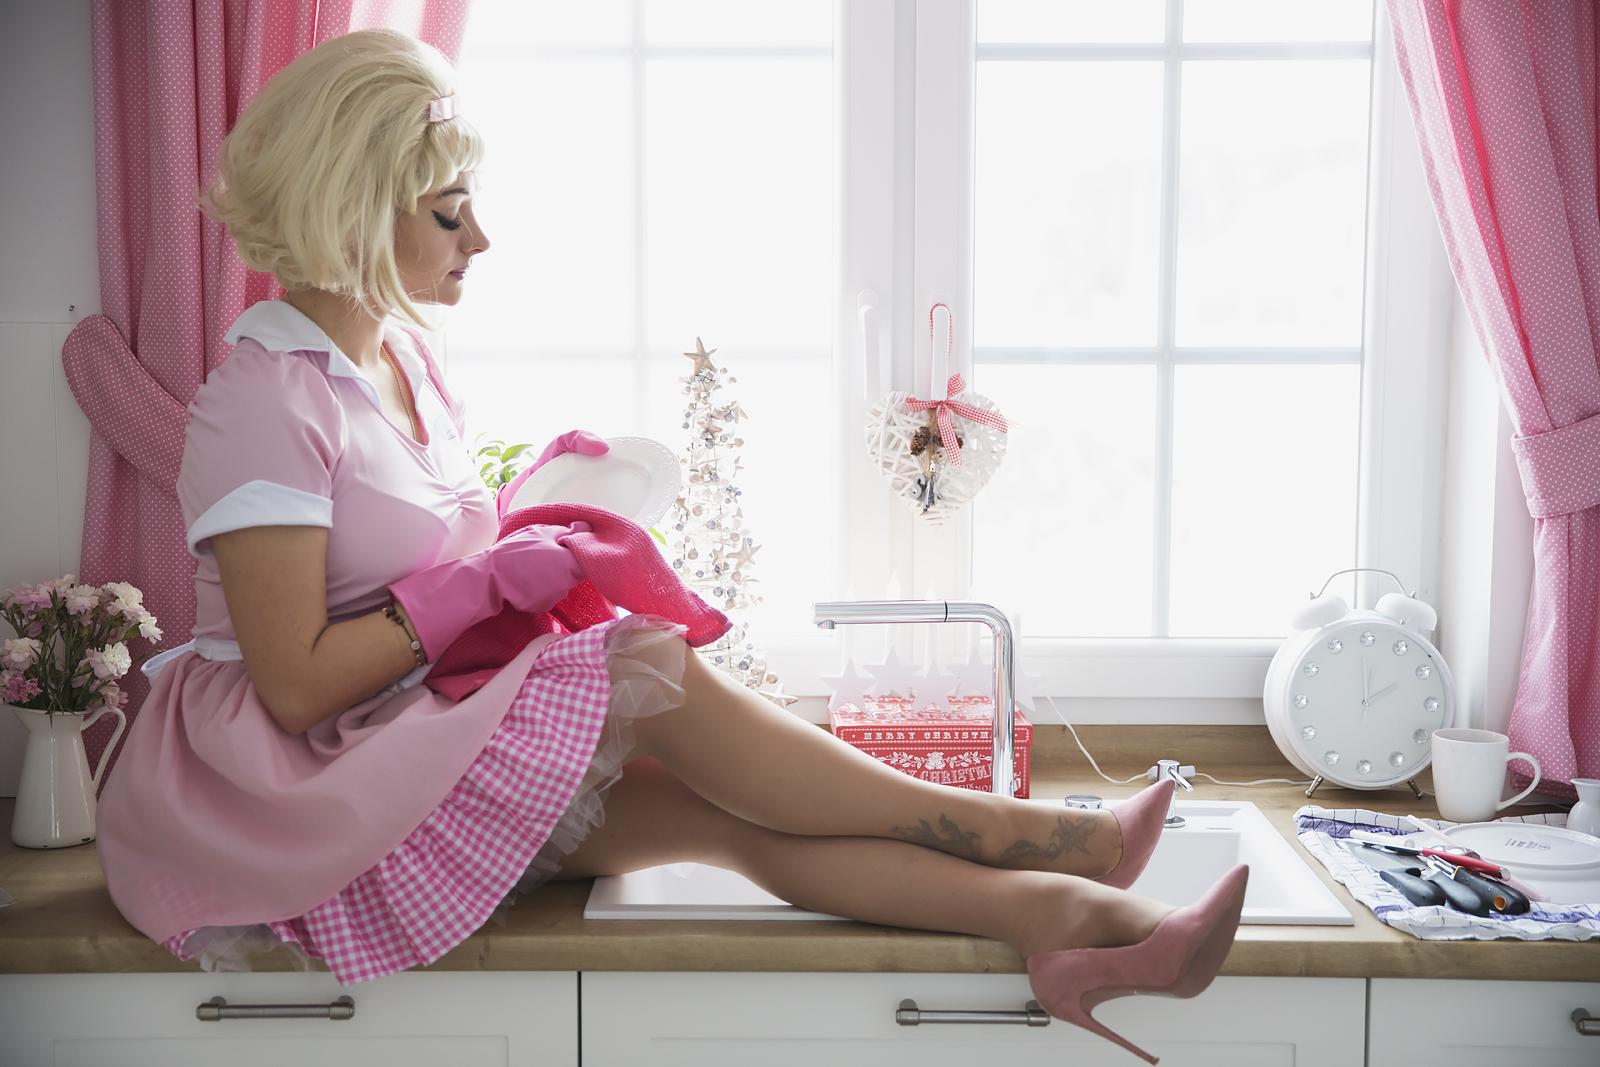 pin-up-girl-retro-blondynka-morning-fresh7